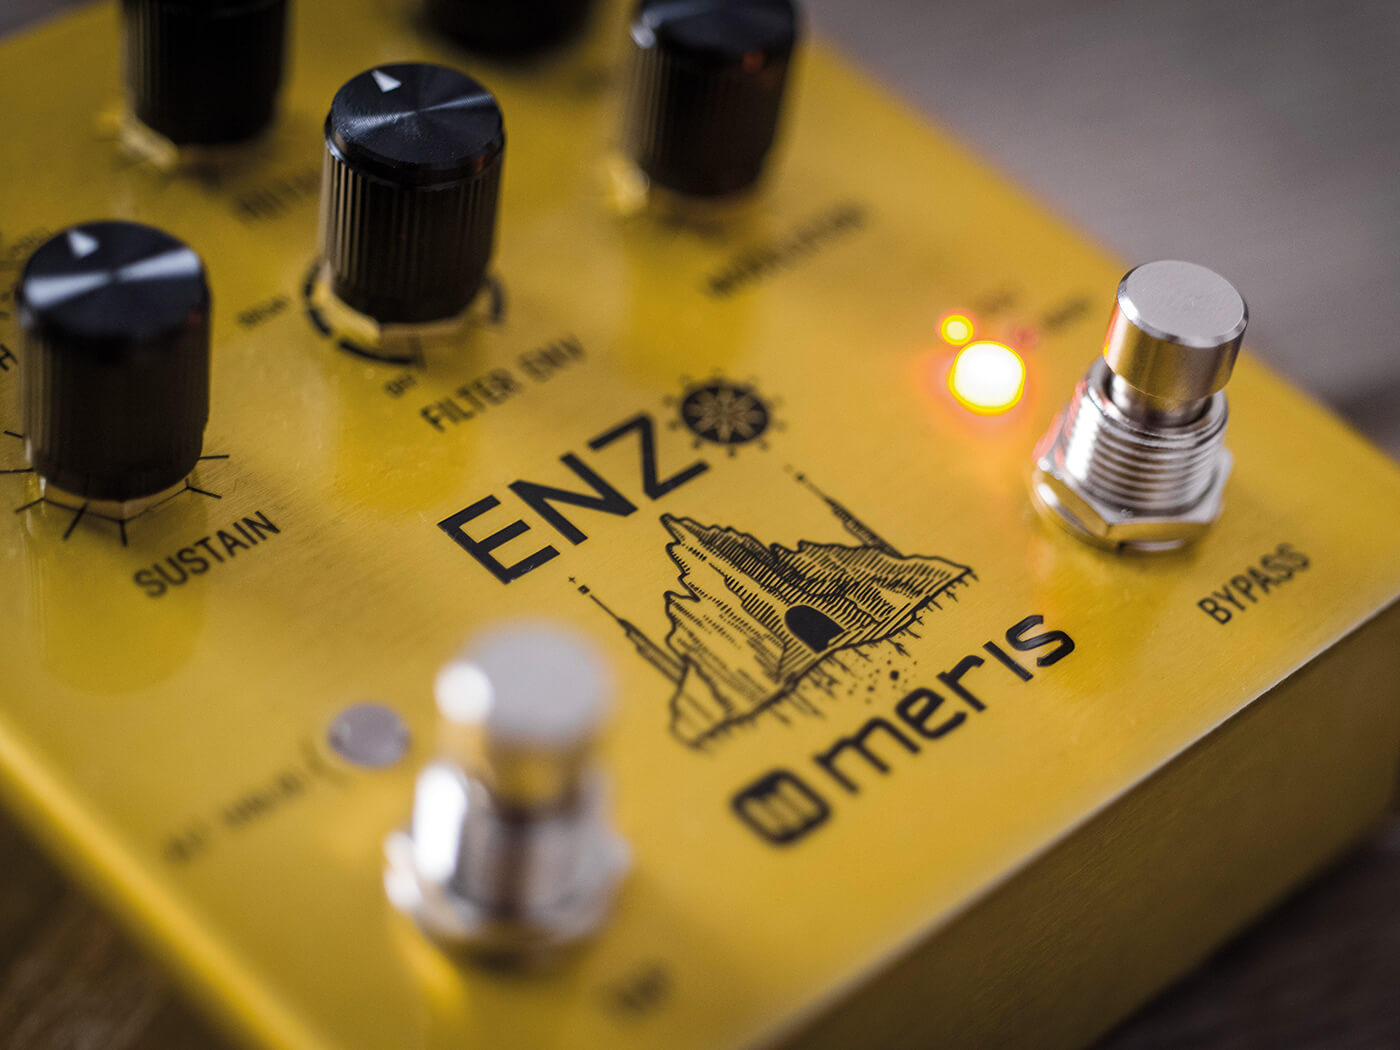 Meris Enzo synth pedal